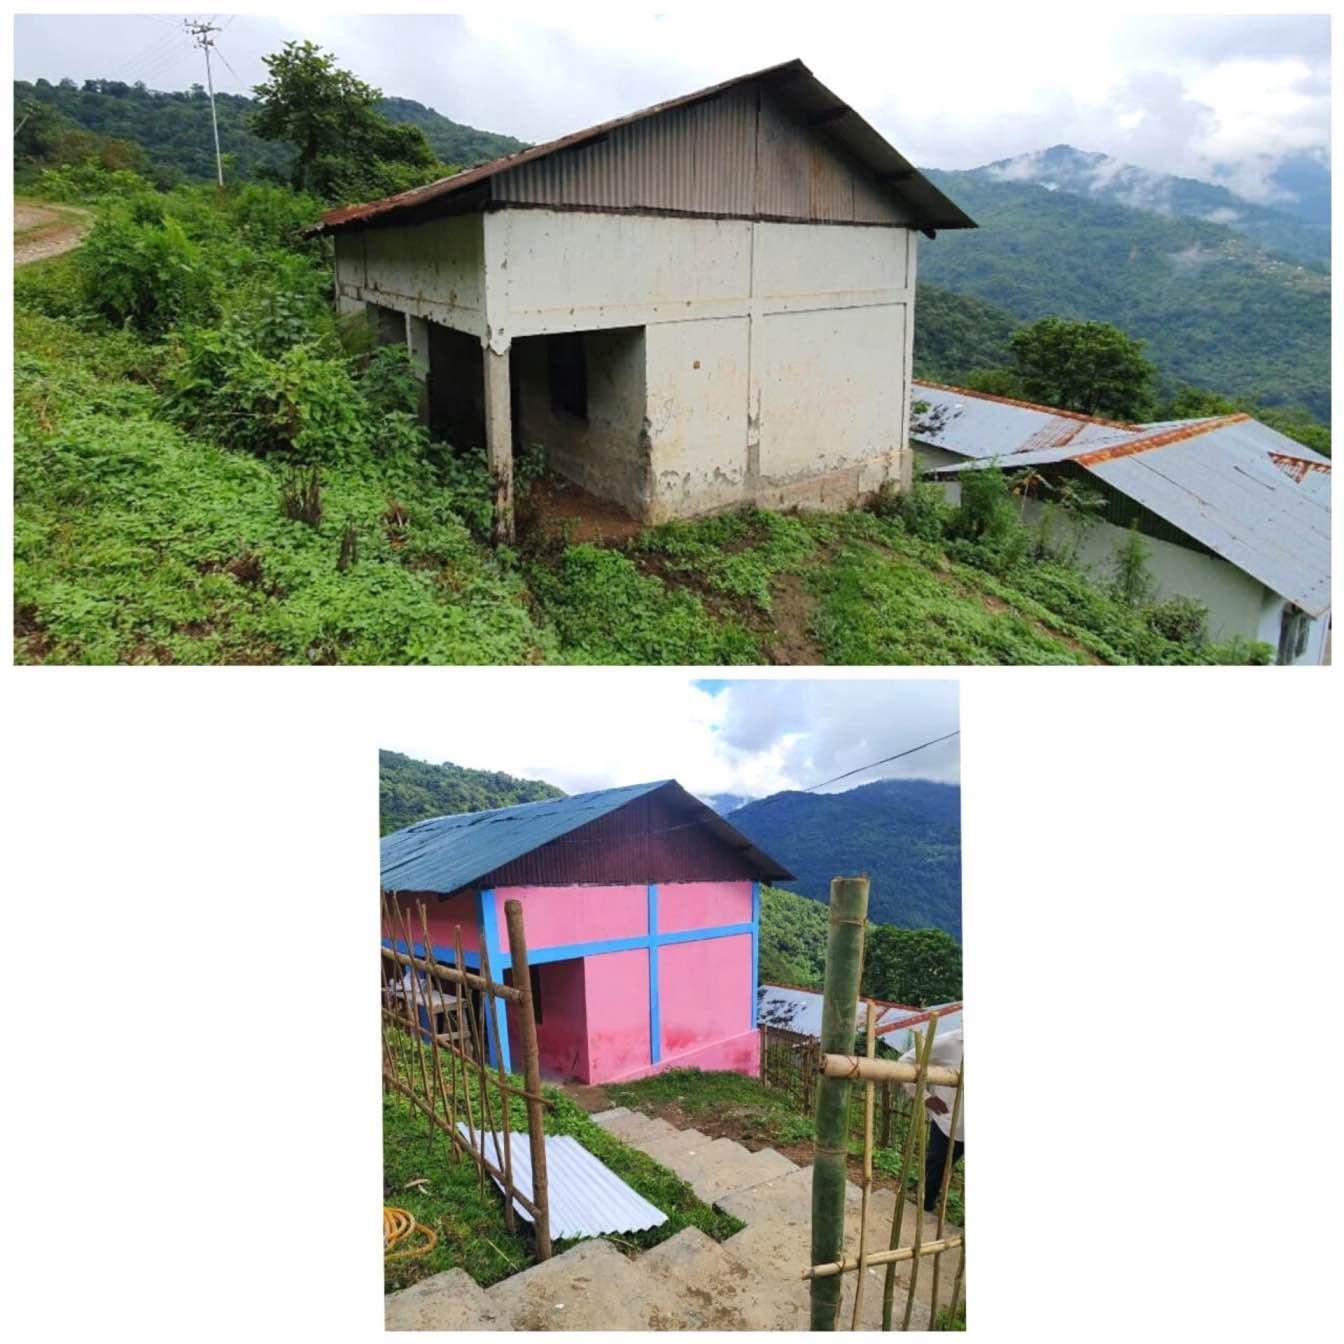 Arunachal Officers Raise Lakhs to Repair Schools